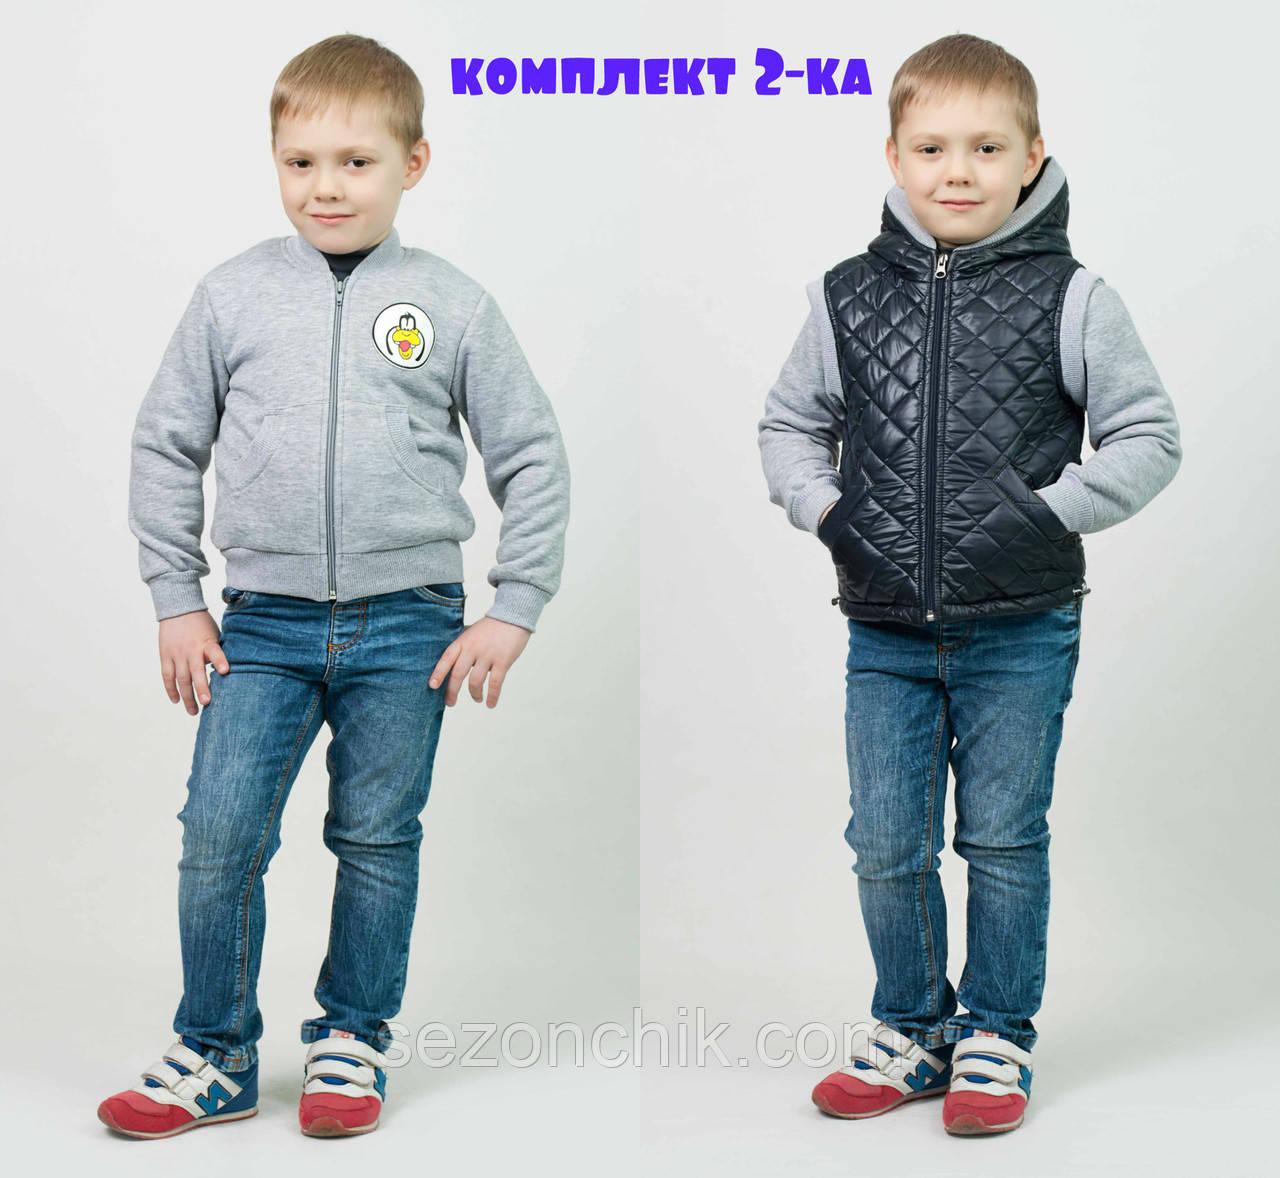 Детская жилетка и толстовка для мальчика